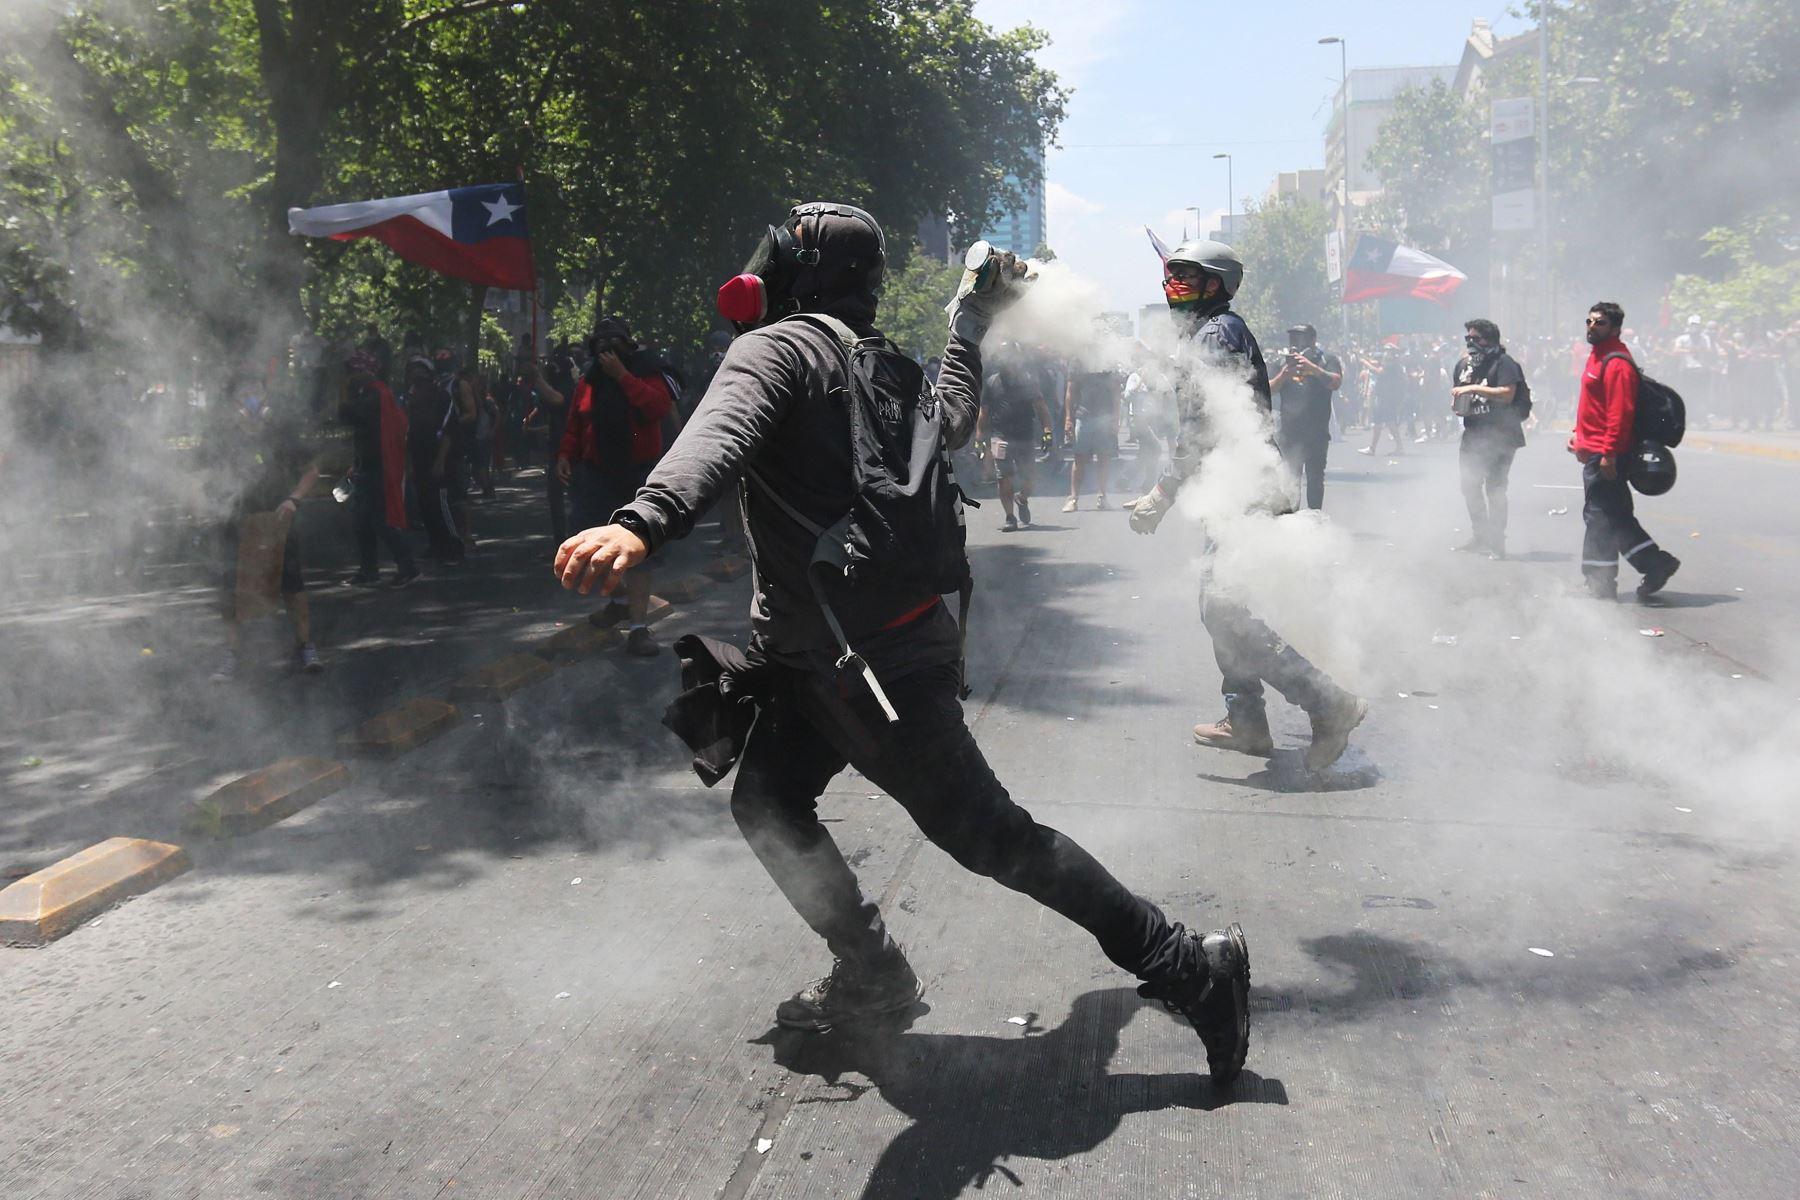 Un grupo de encapuchados se enfrenta a la policía , durante otra jornada de protestas, en Santiago de Chile. Foto: EFE